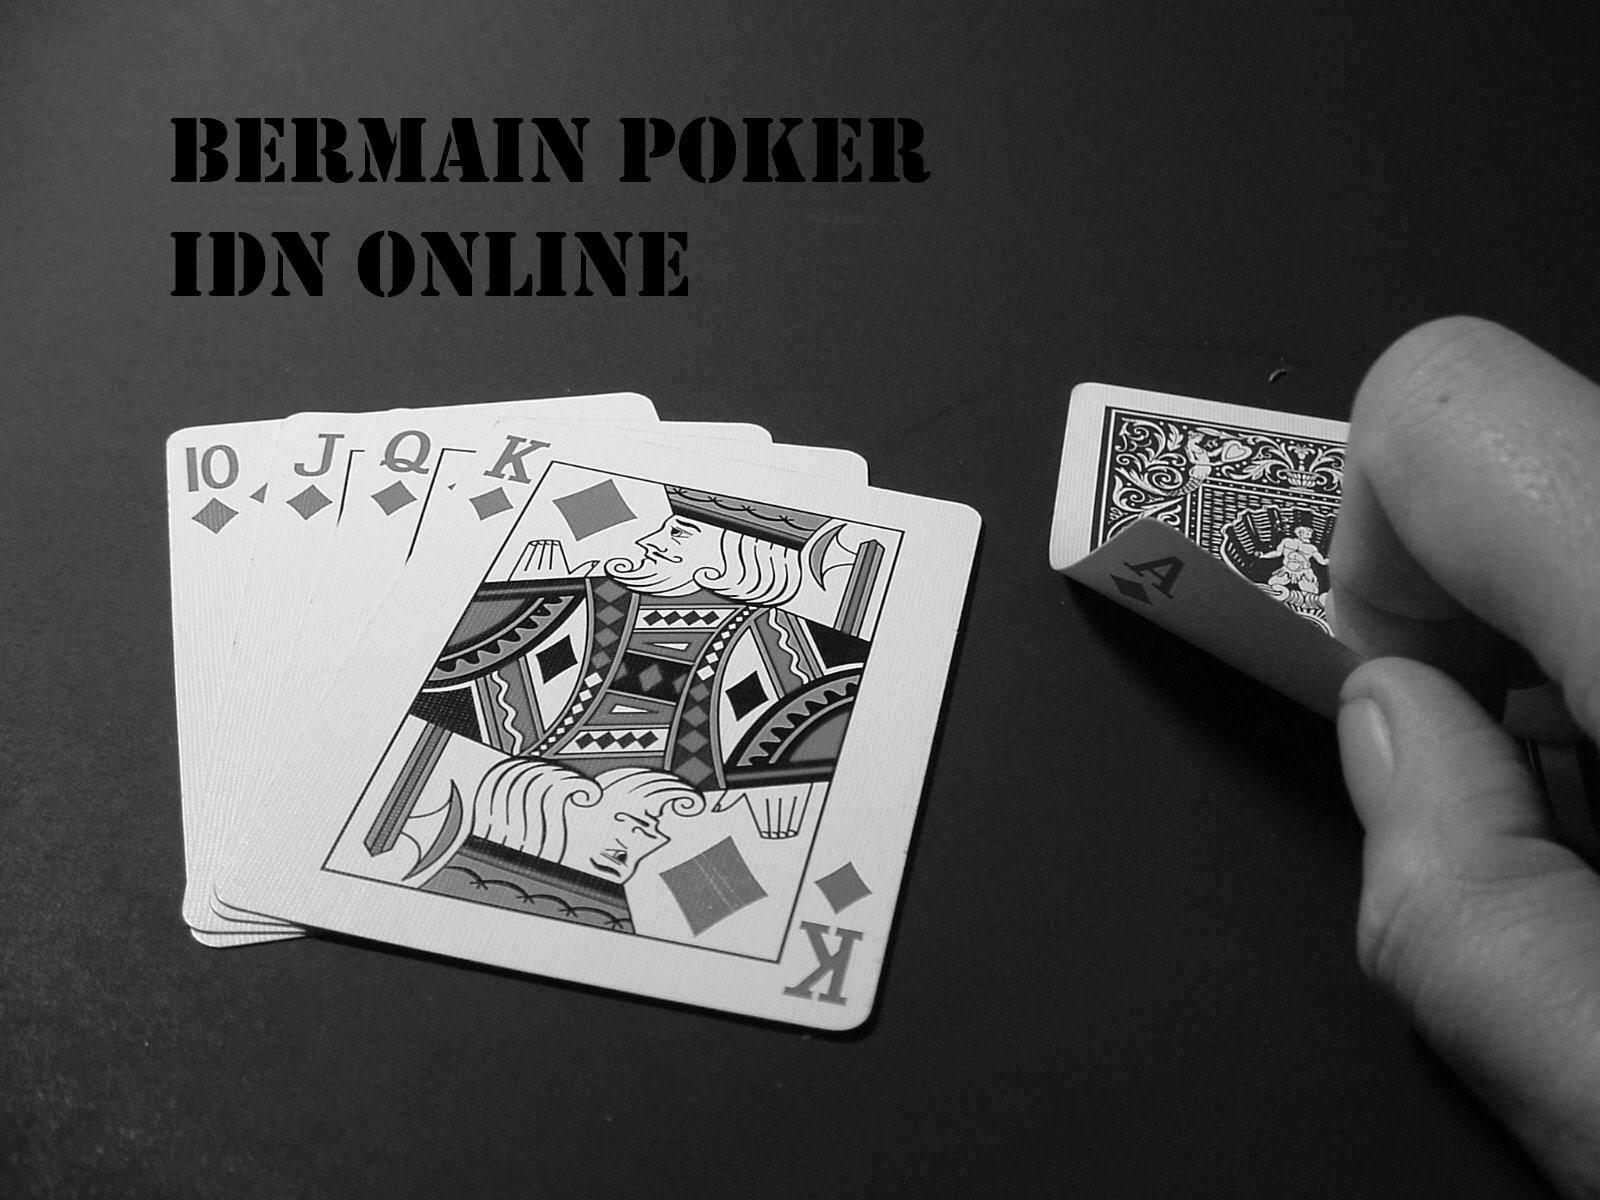 Bermain Poker IDN Online